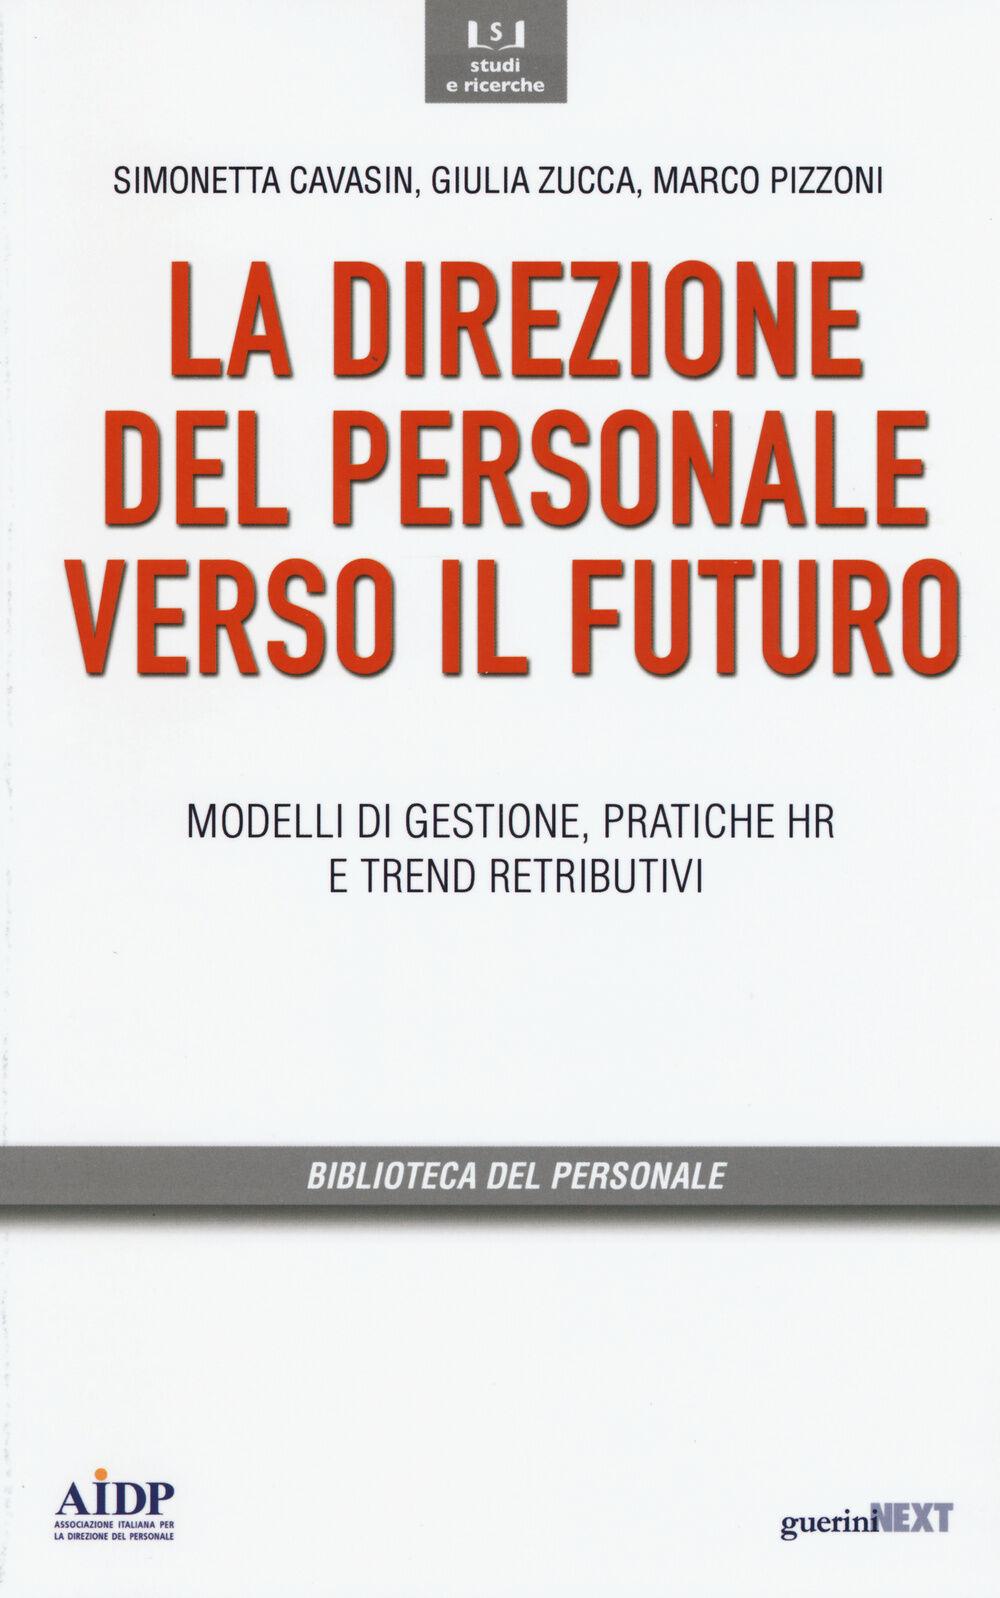 Direzione del personale verso il futuro. Modelli di gestione, pratiche HR e trend distributivi